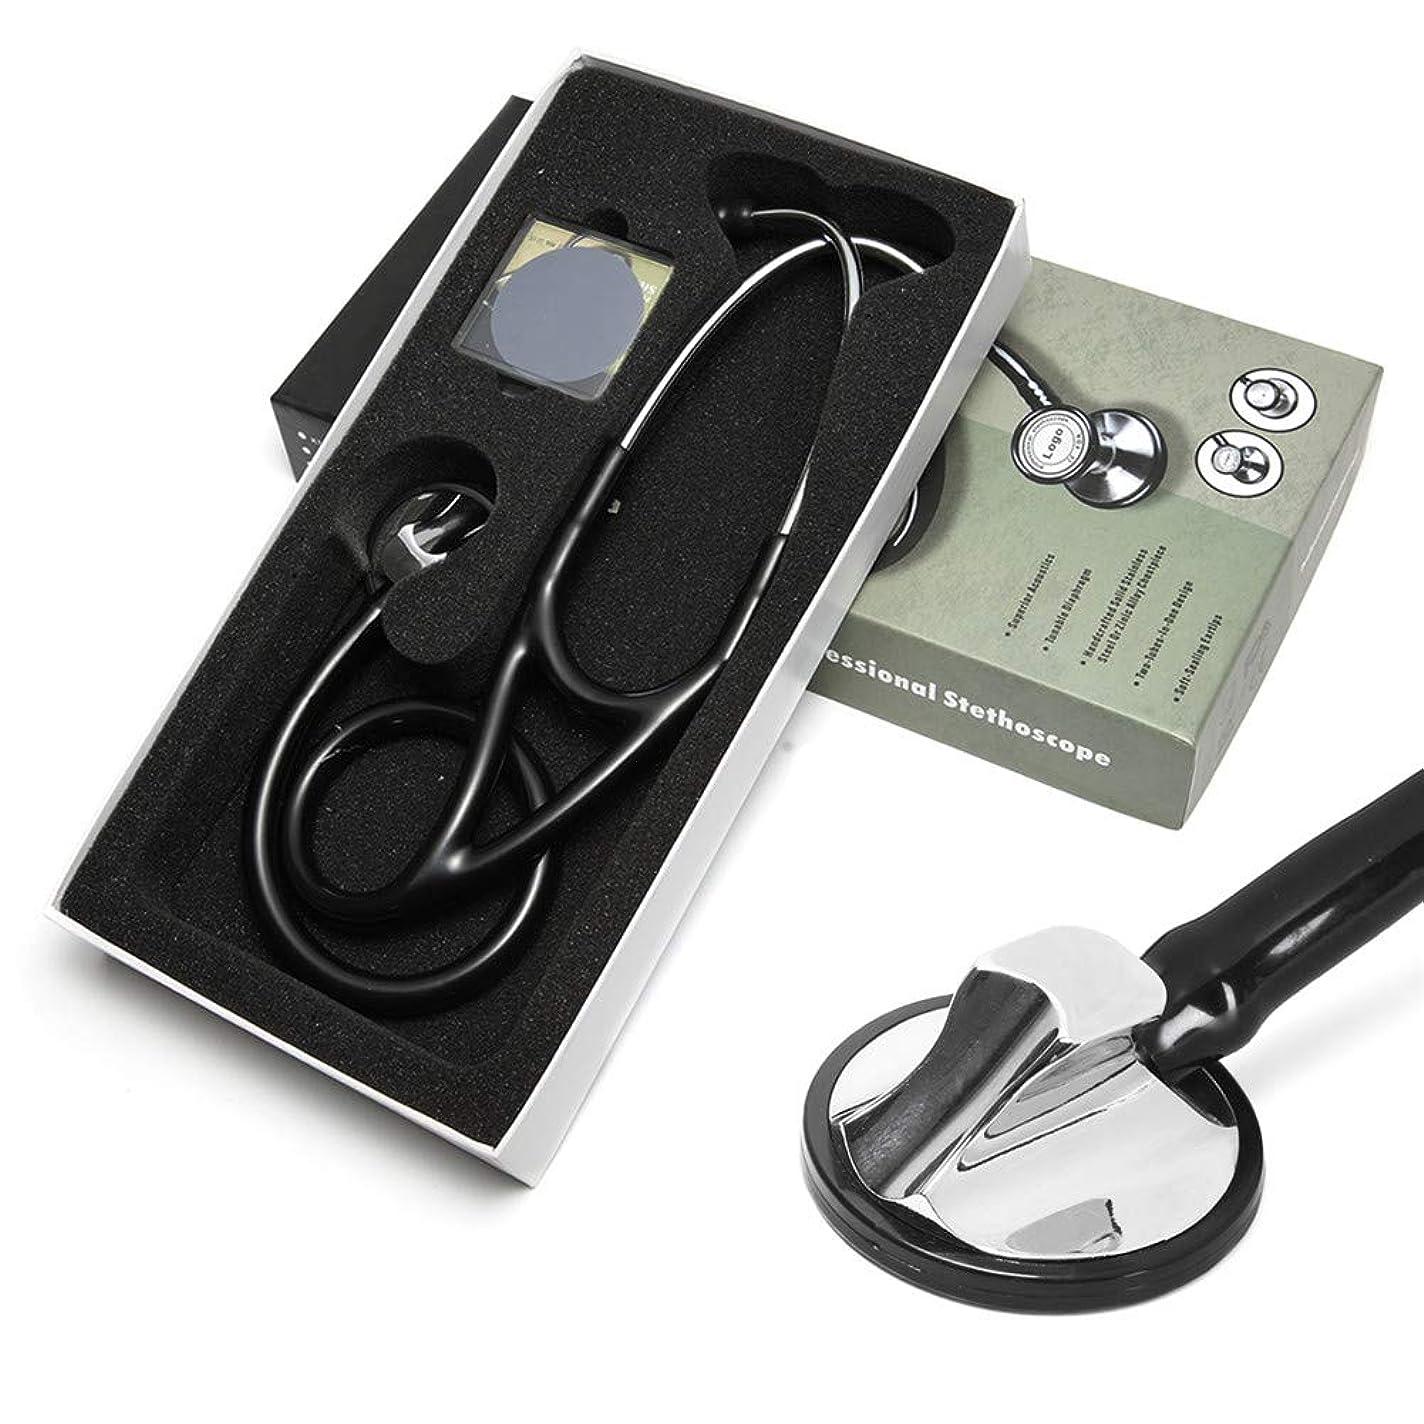 媒染剤患者ペイント医者に適当な専門の聴診器の心臓病の聴診器の監視聴診器の緊急装置